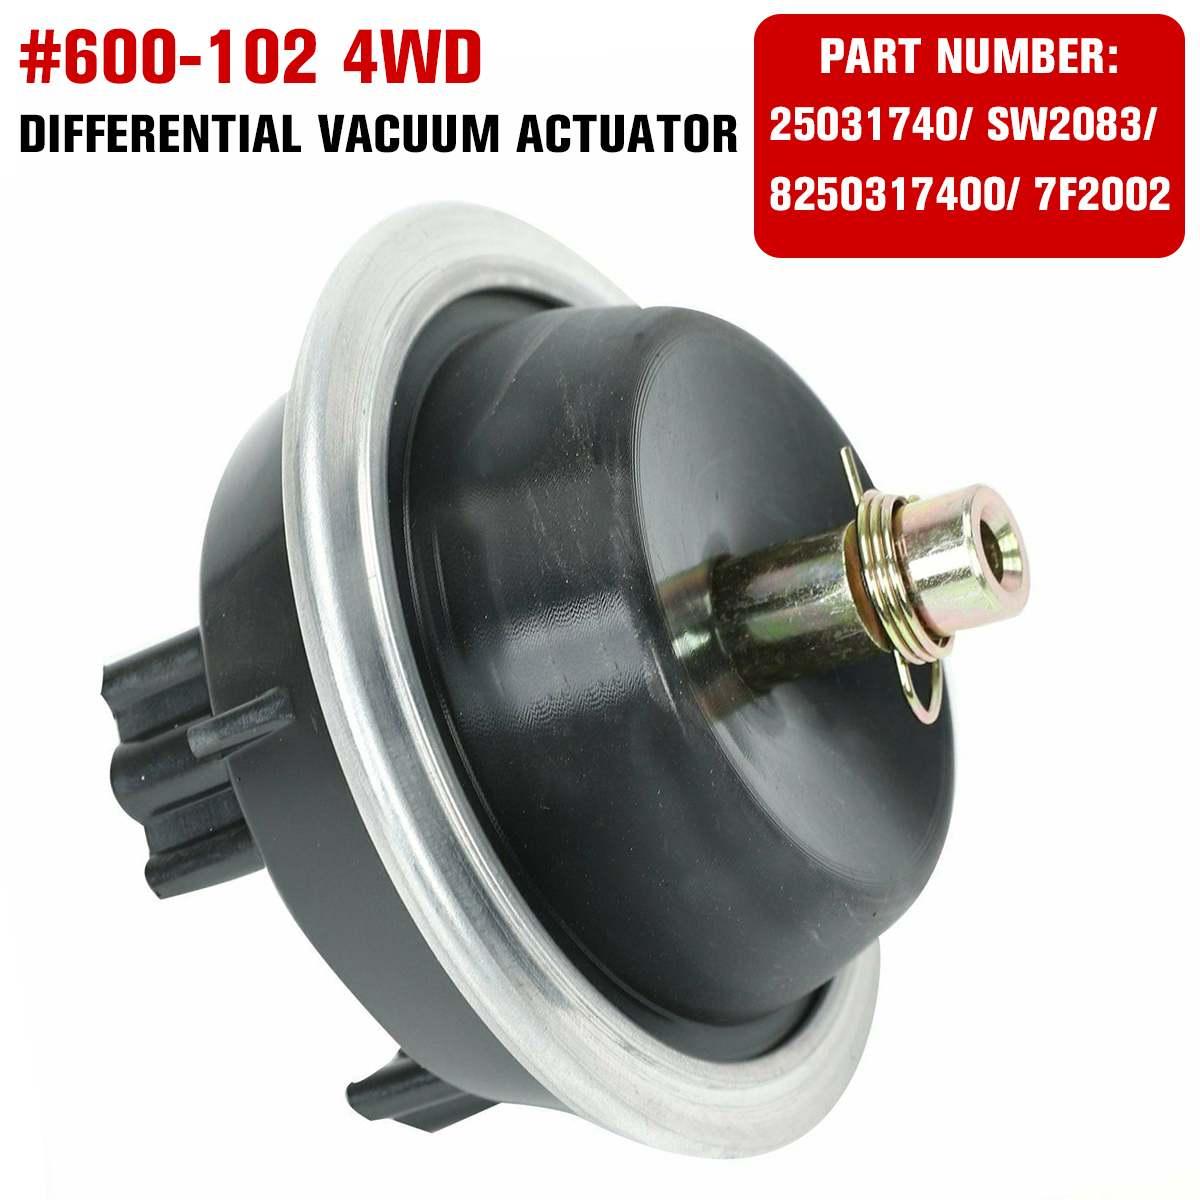 新プロ 600-102 4WD 差動真空アクチュエータのためのシボレー GMC ポンティアックのための 1983-2005 25031740